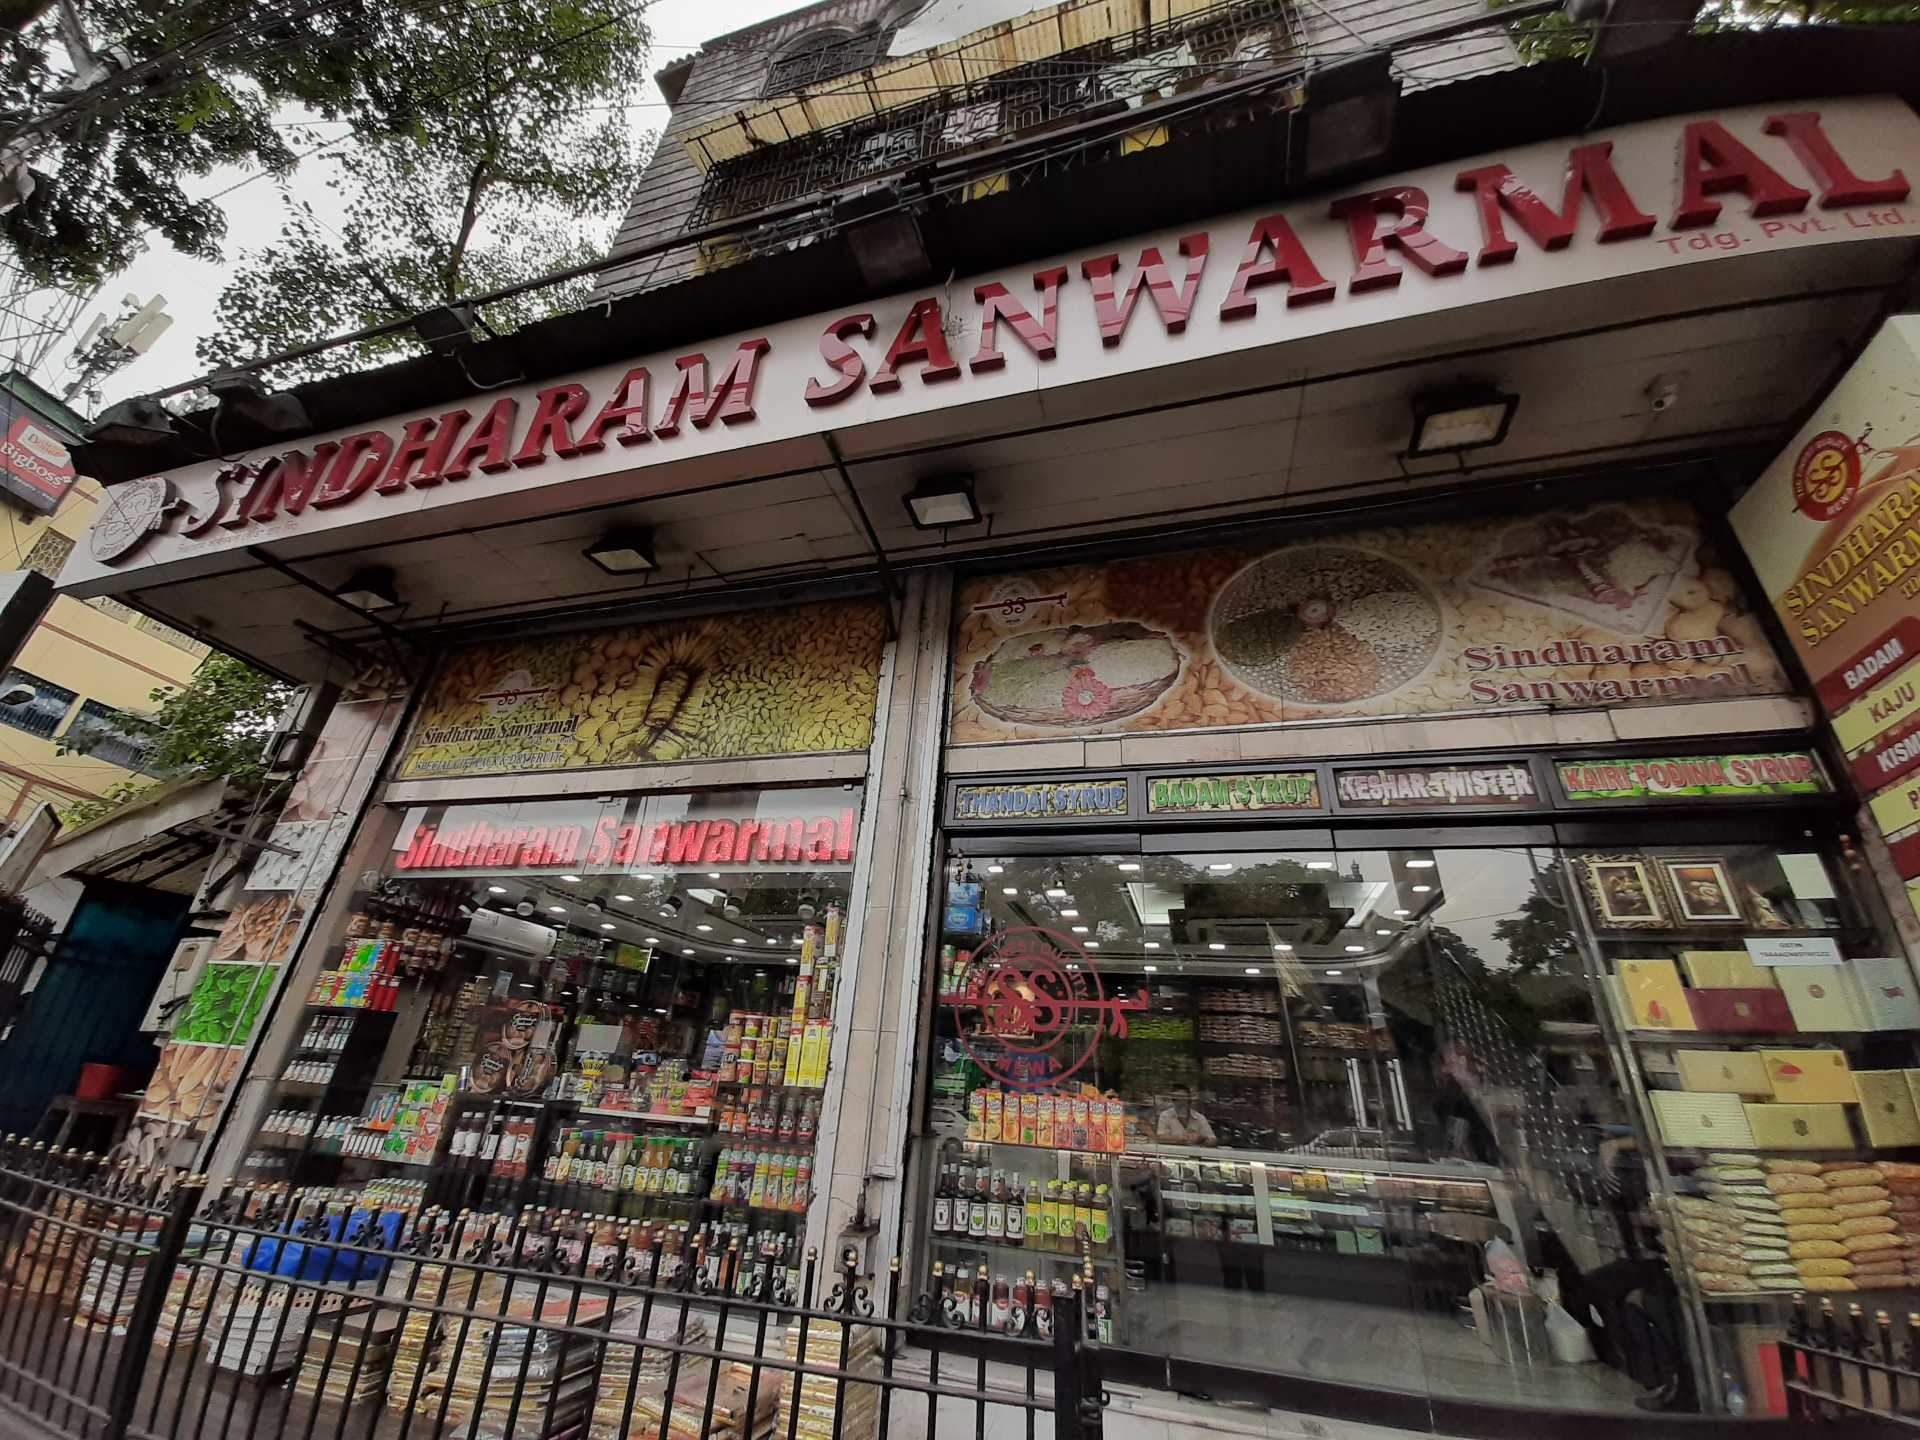 Sindharam Sanwarmal & Co - AJC Bose Road - Kolkata Image